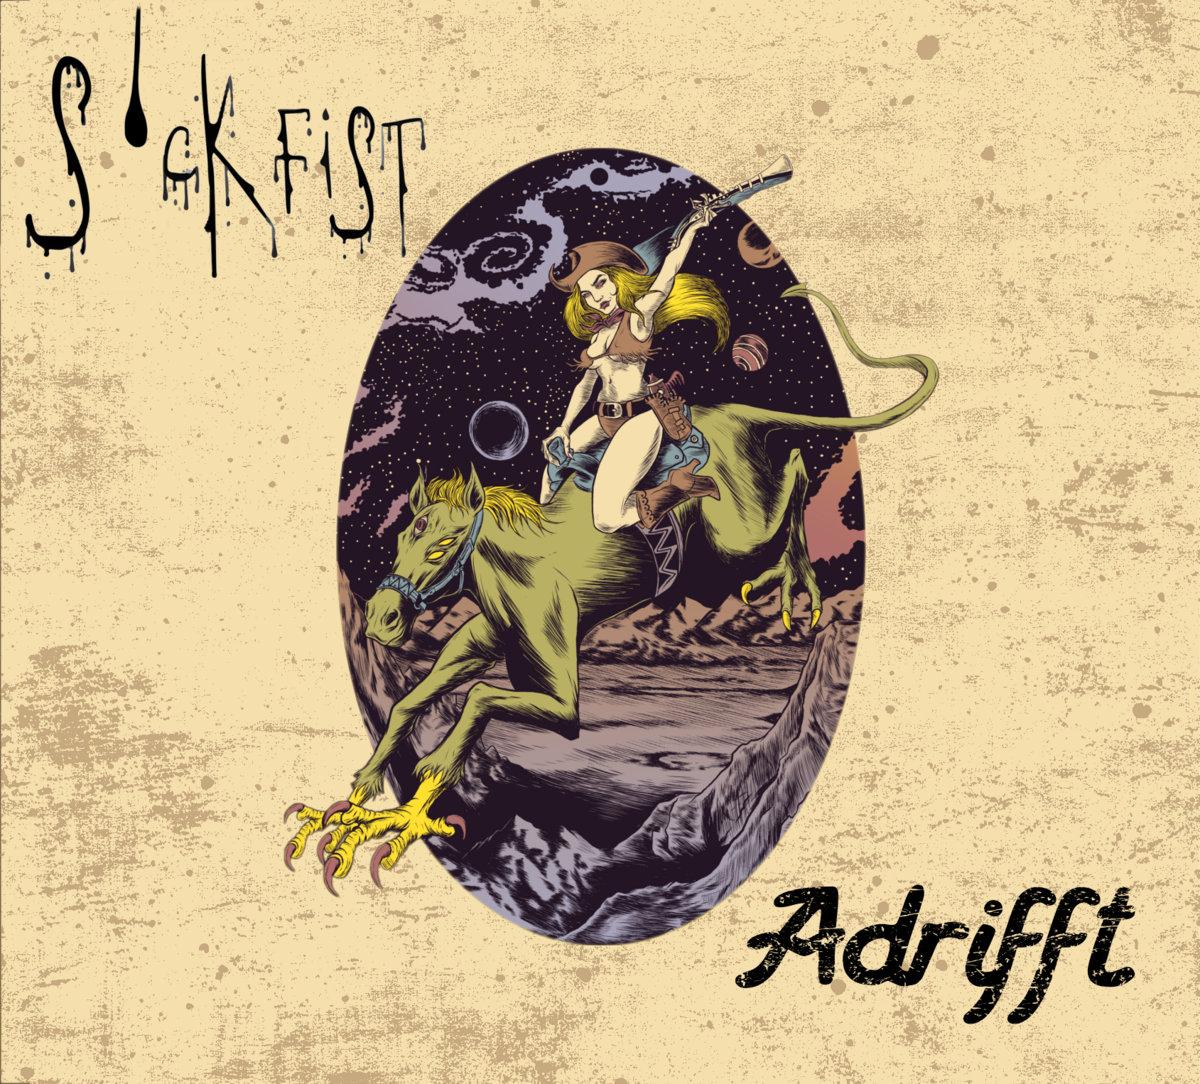 Adrifft | Sickfist